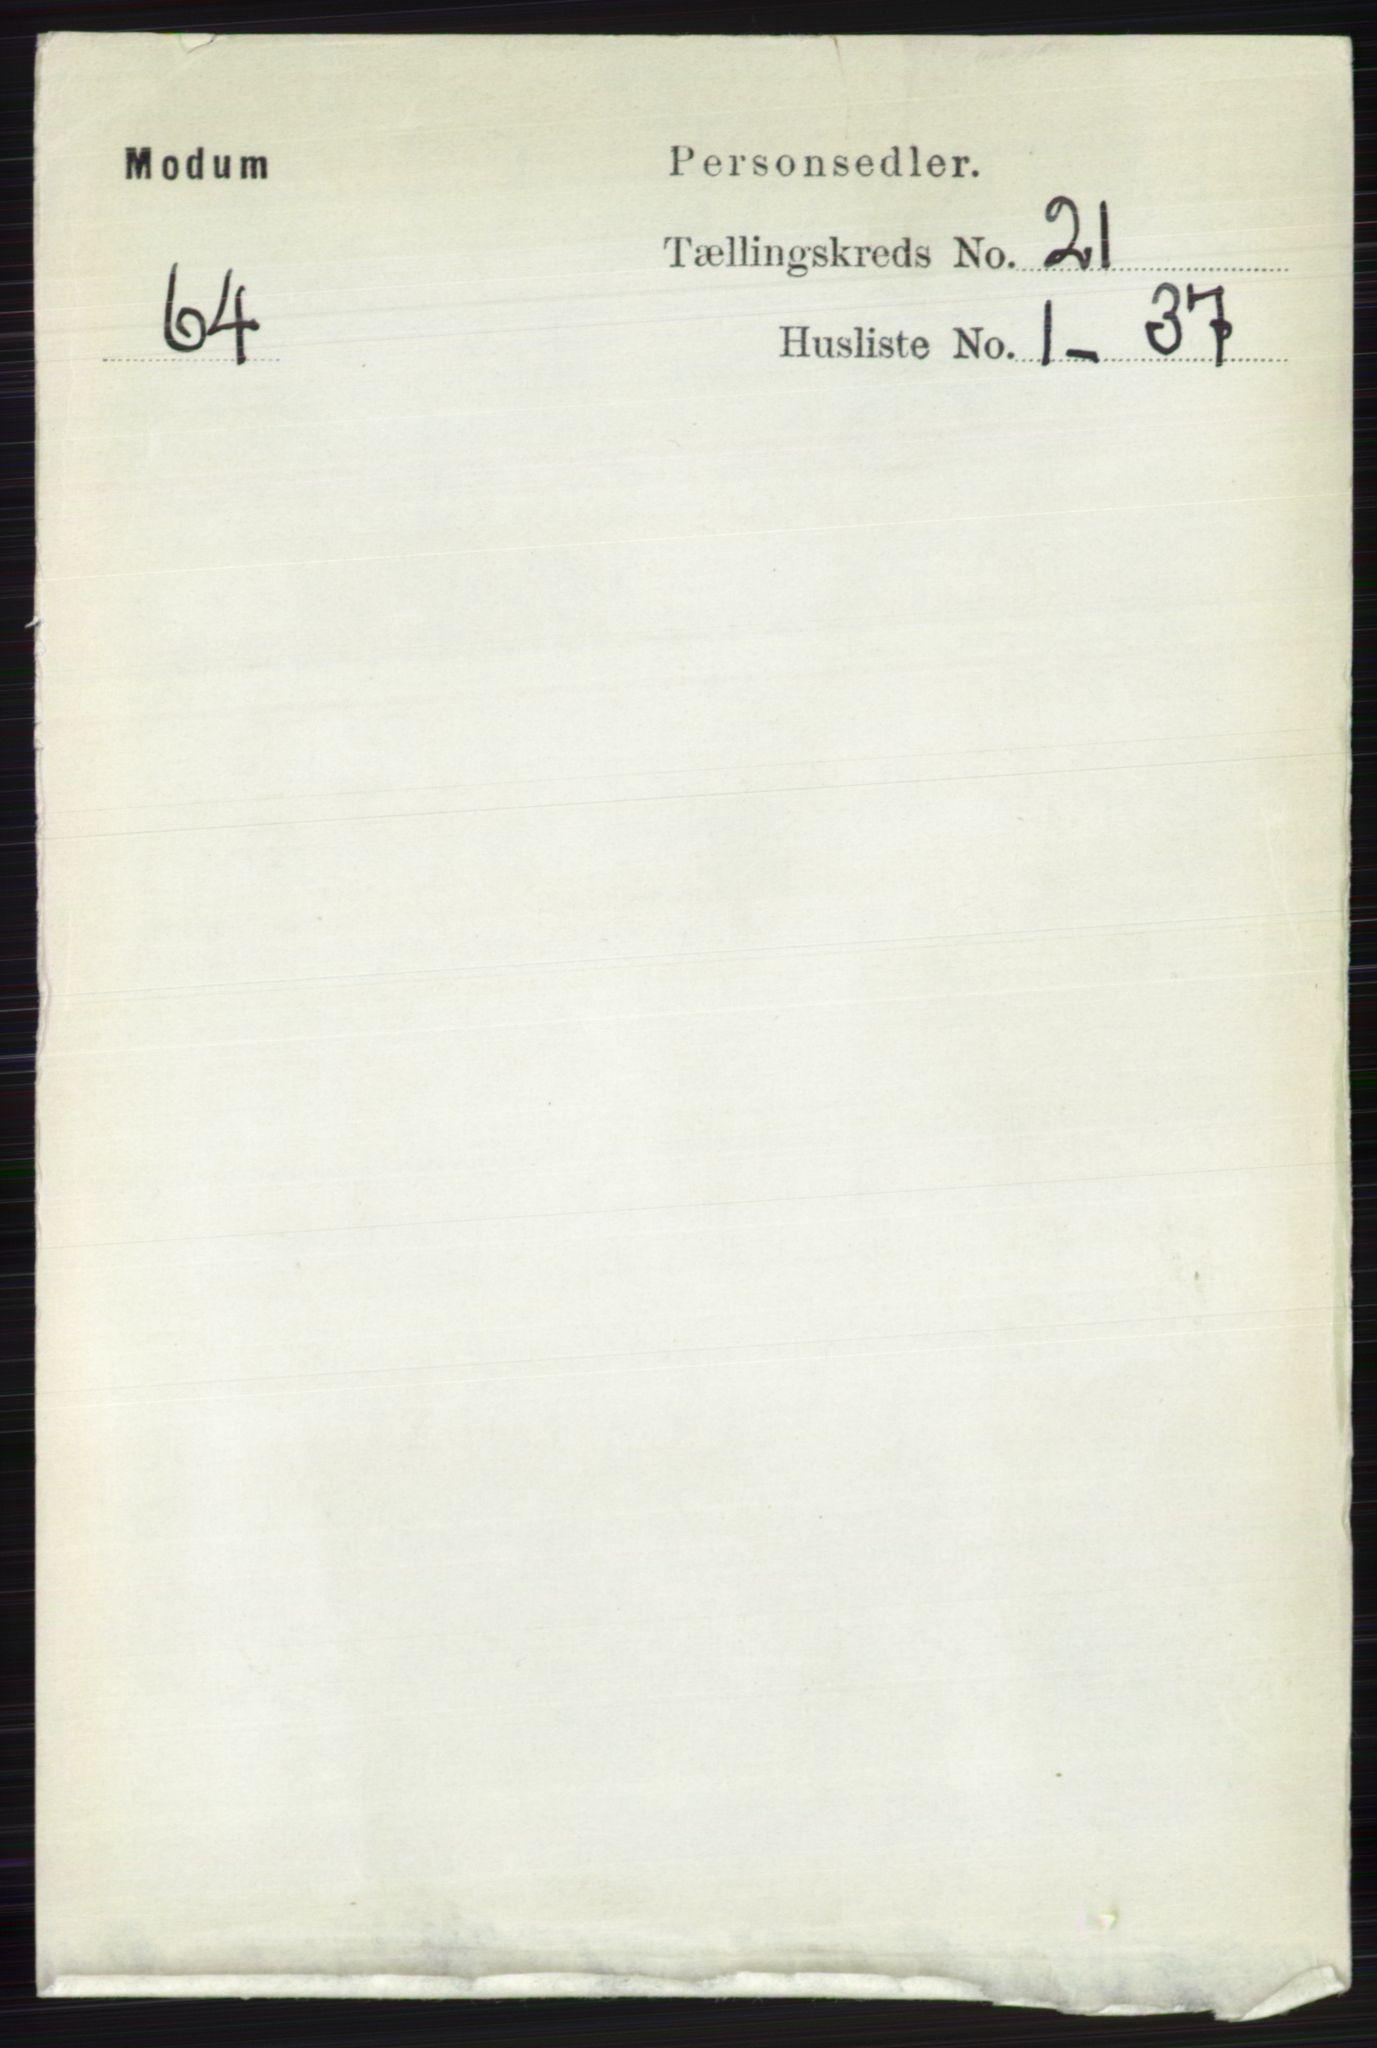 RA, Folketelling 1891 for 0623 Modum herred, 1891, s. 8102